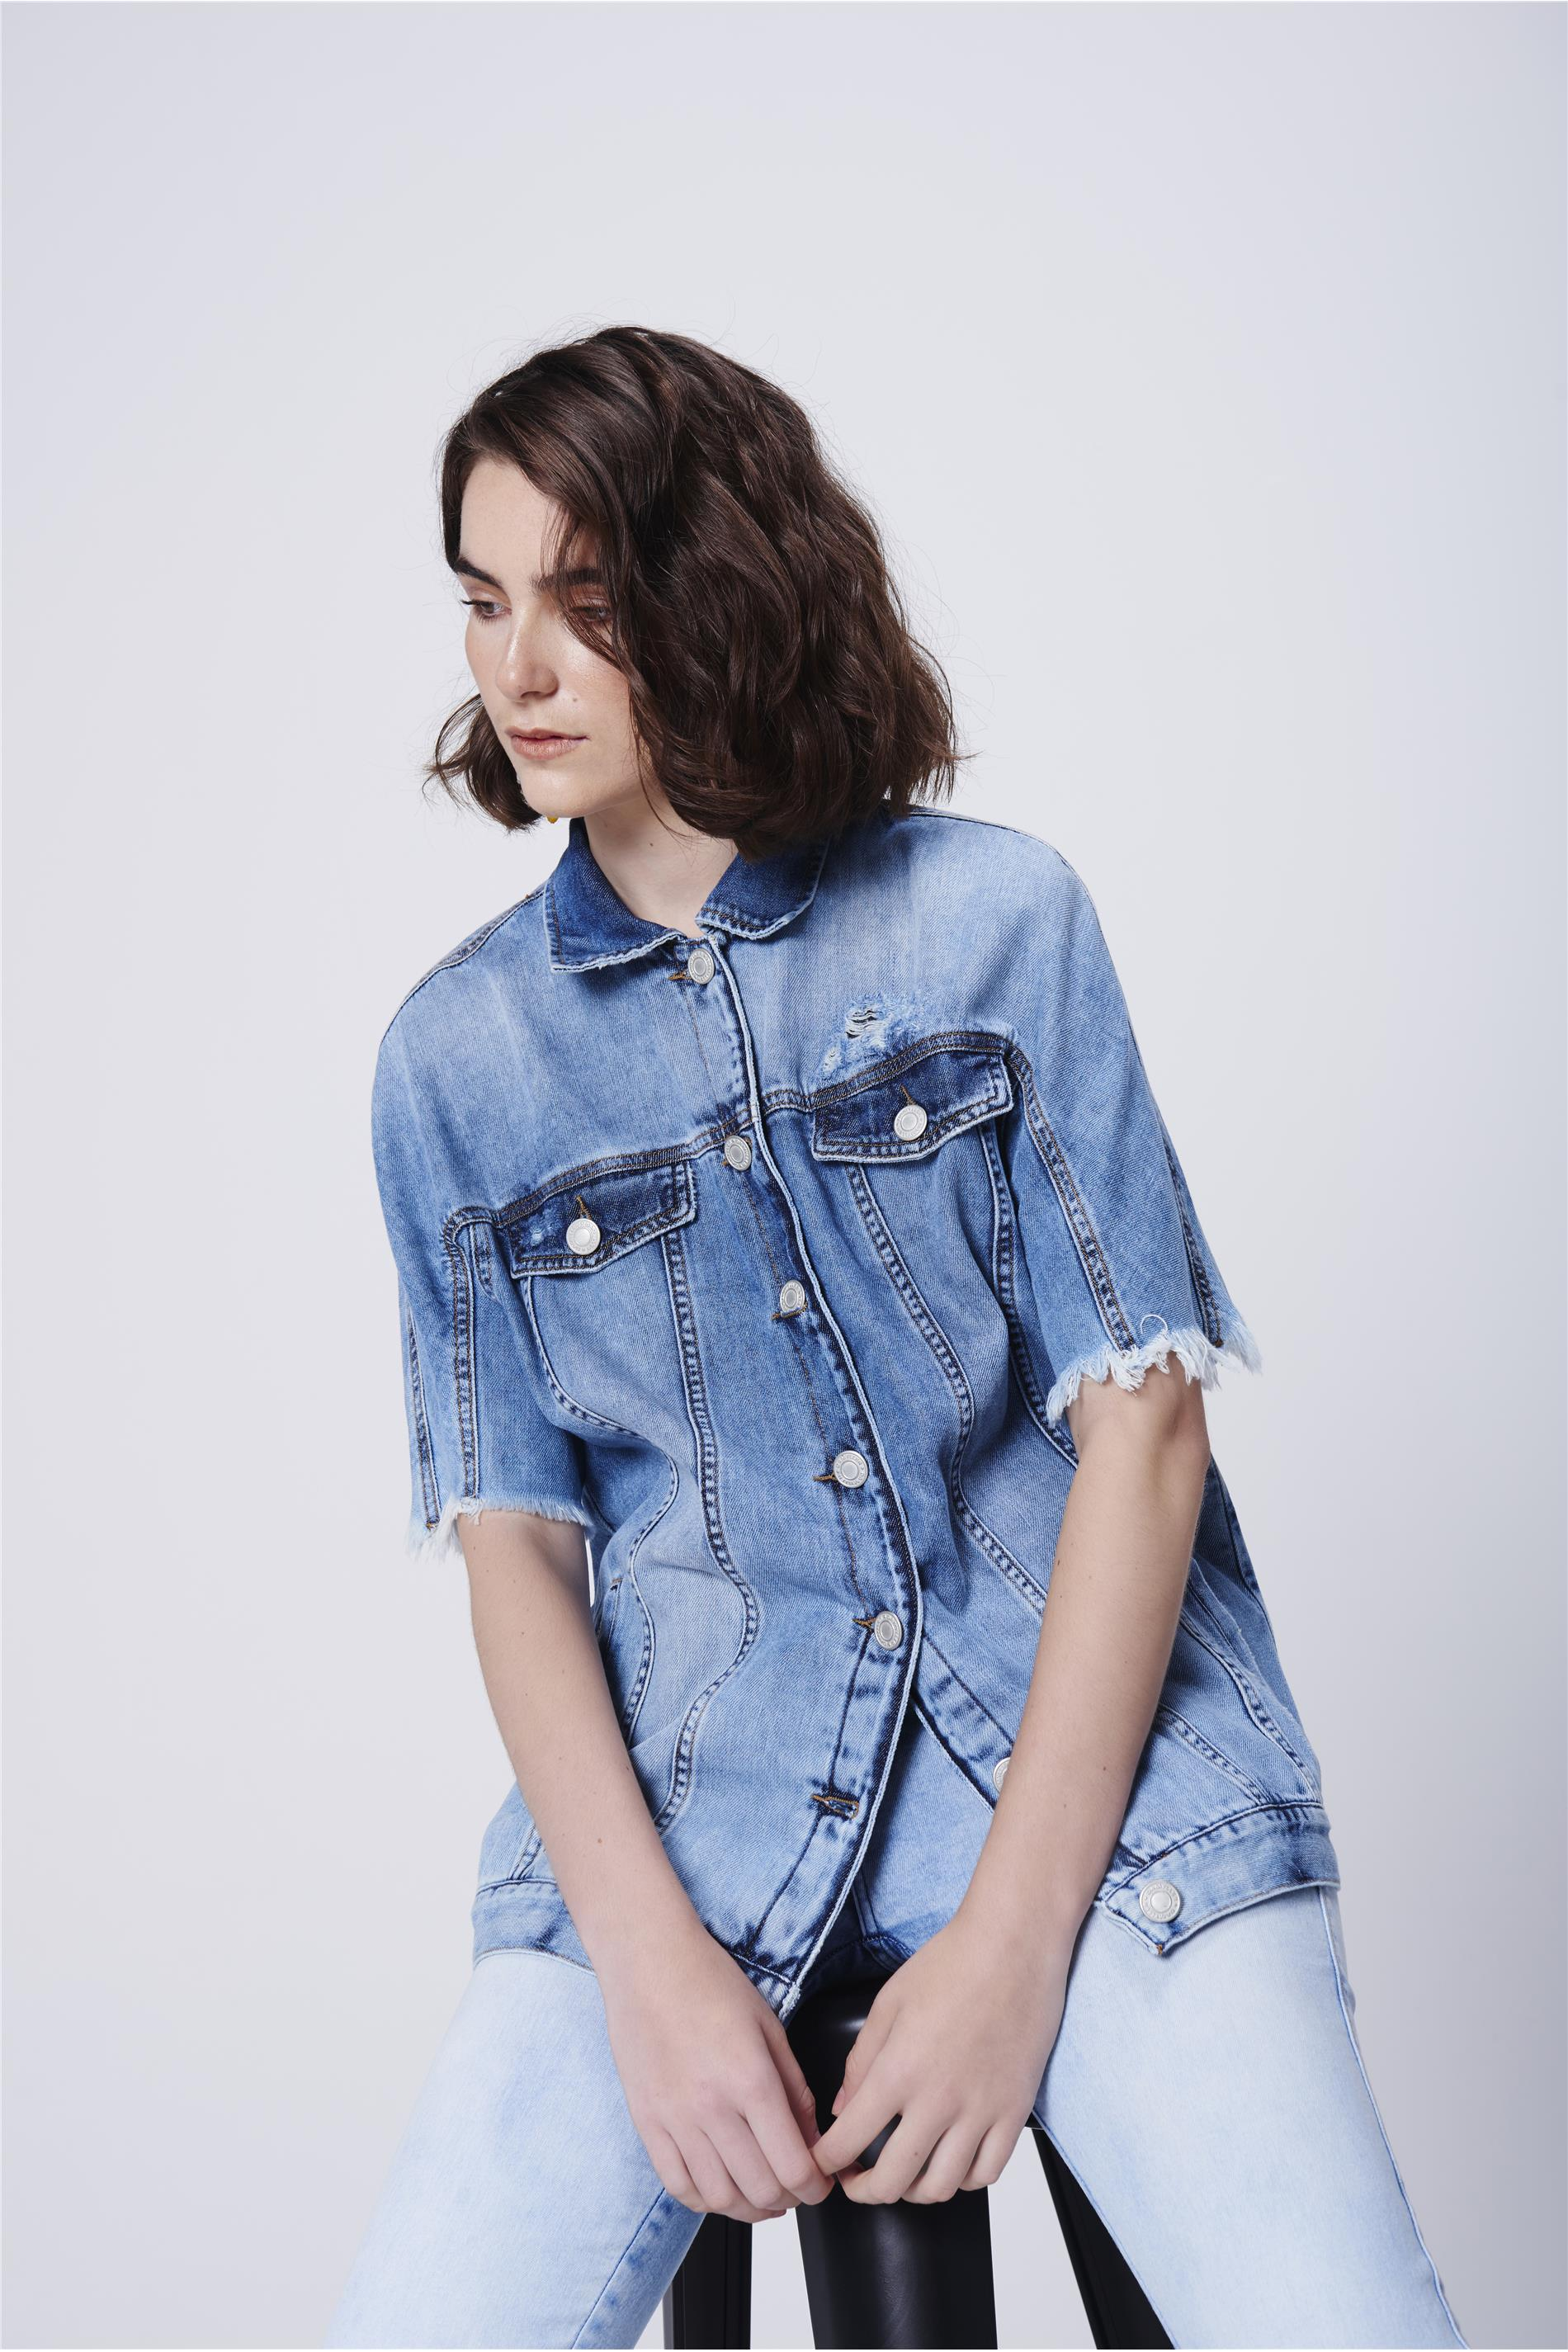 595af2de2c Jaqueta Jeans Feminina Manga Curta - Damyller